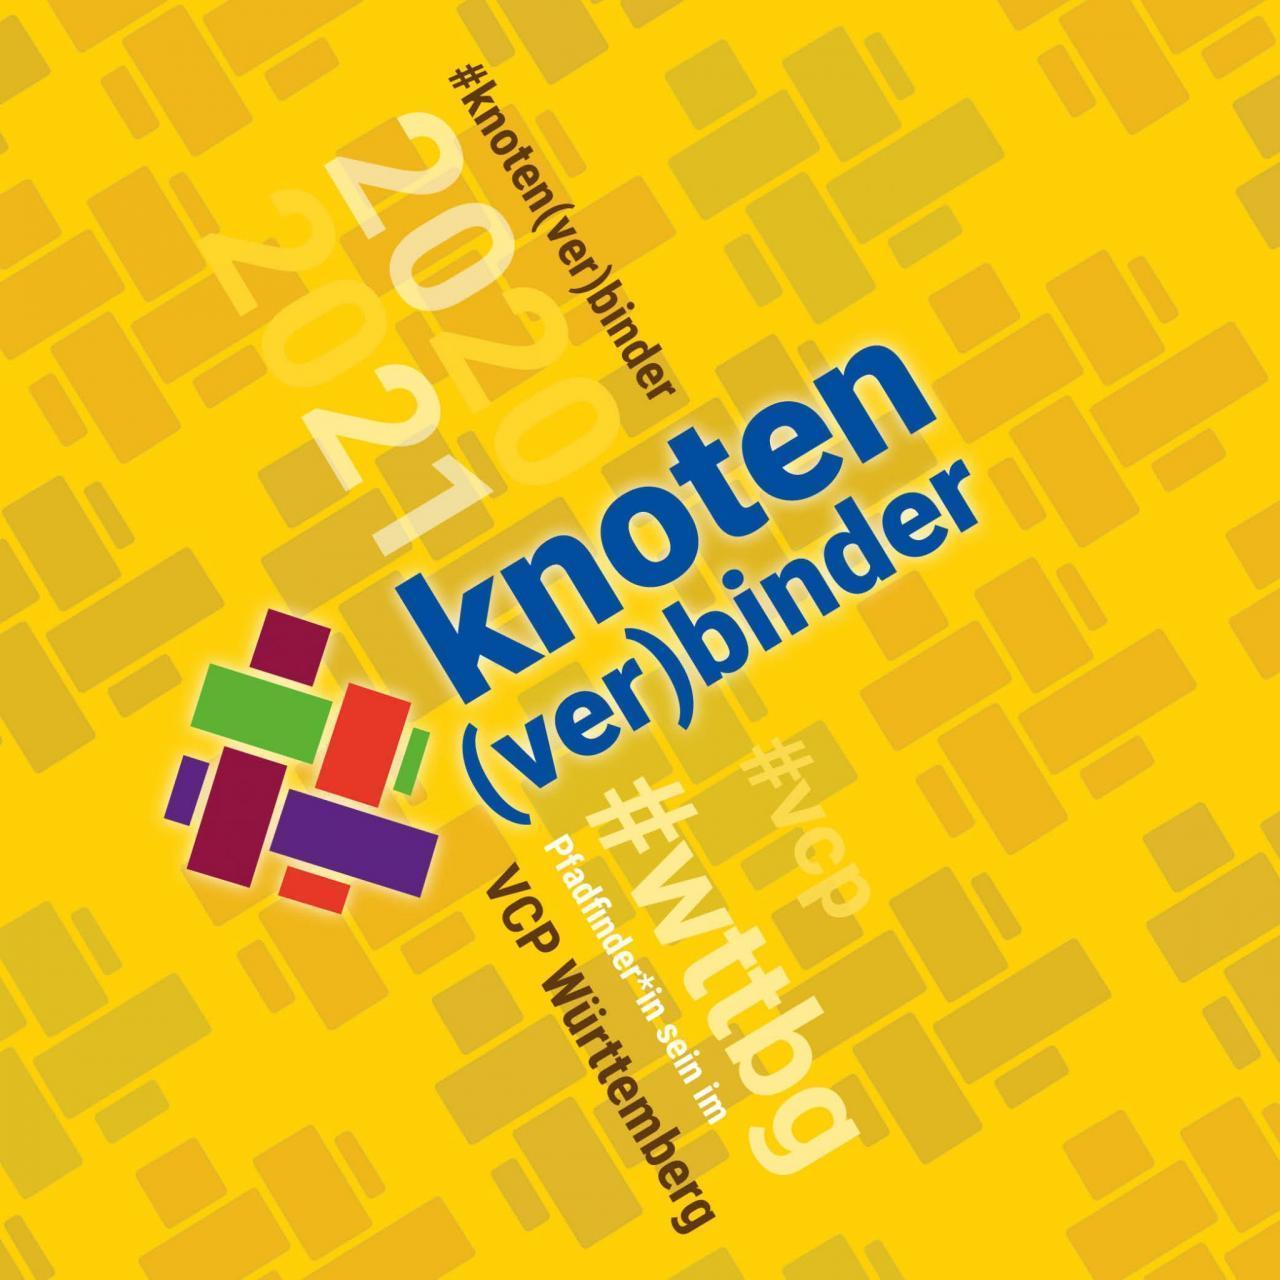 #Knotenverbinder